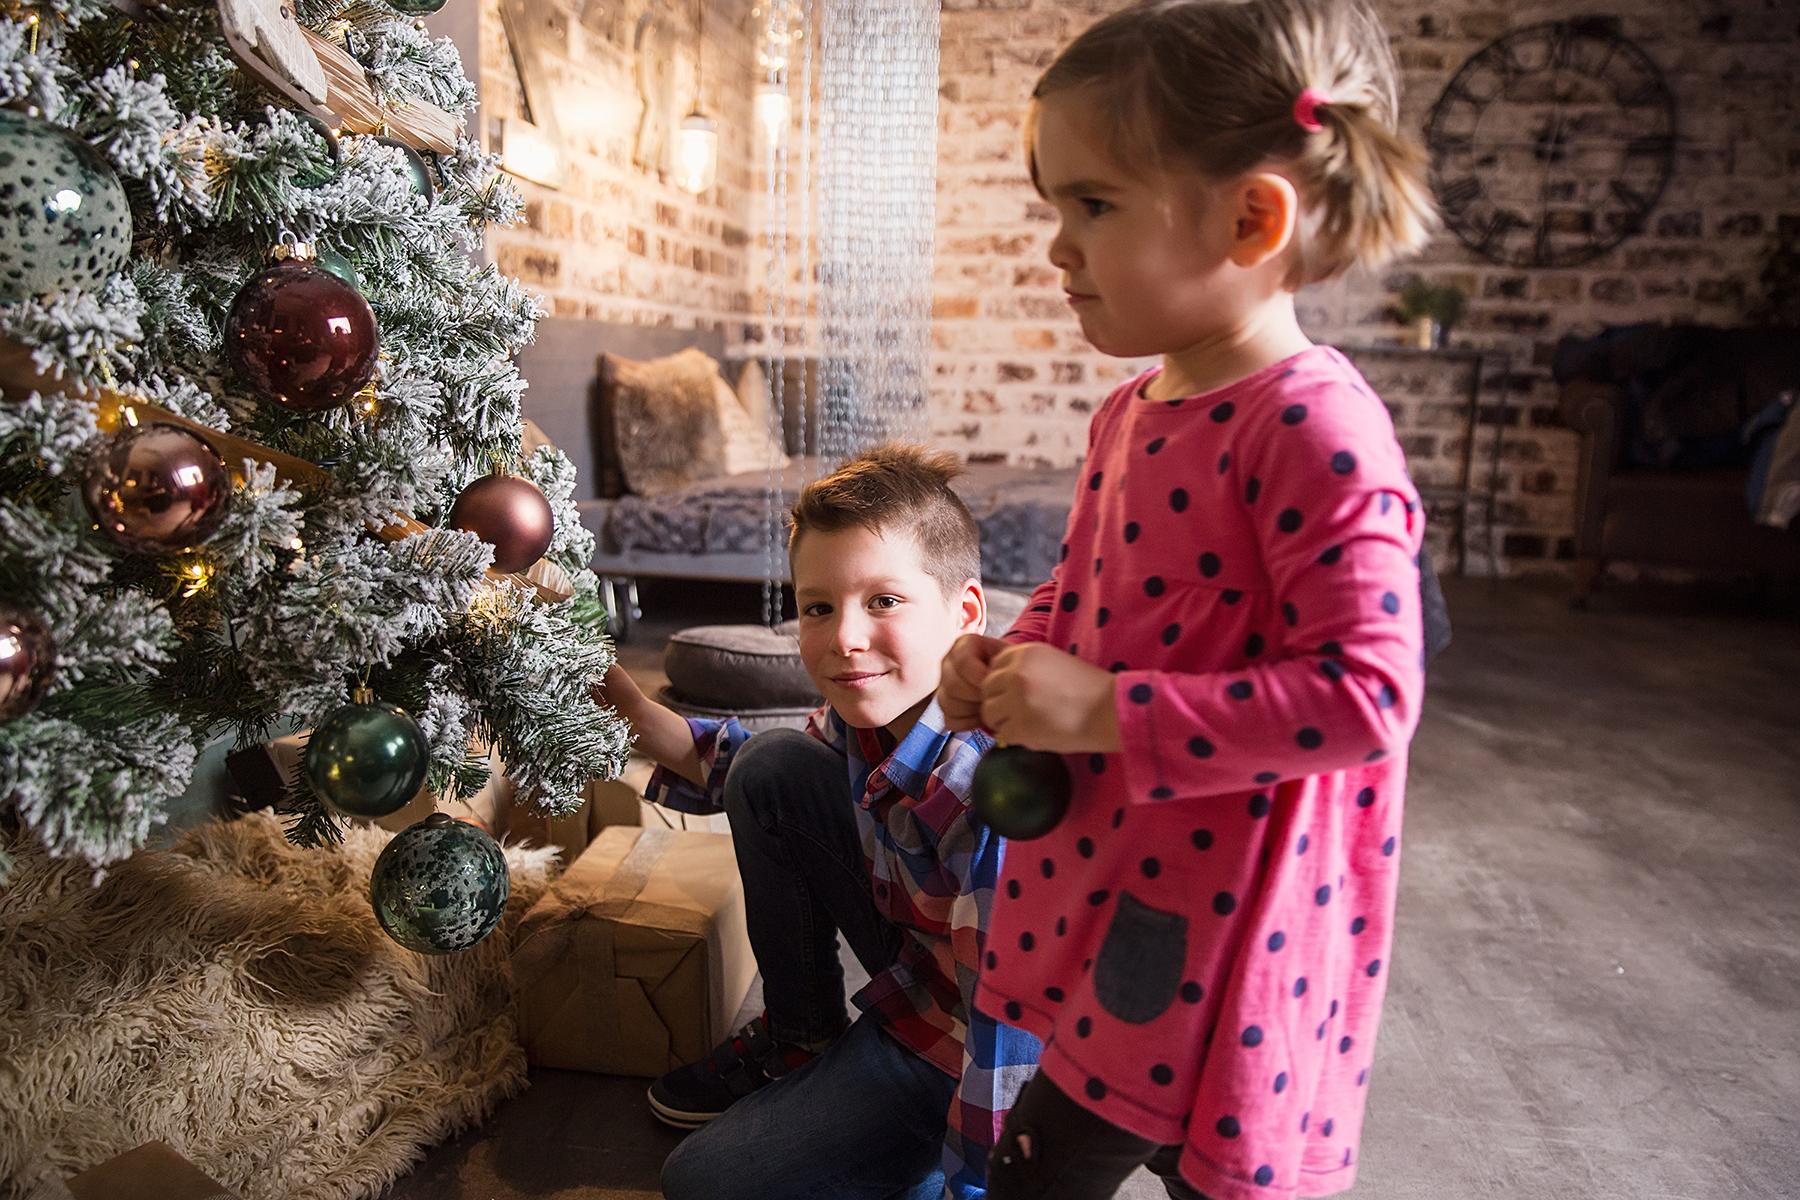 Karácsonyi családi fotózás stúdióban I. - Werk képekkel